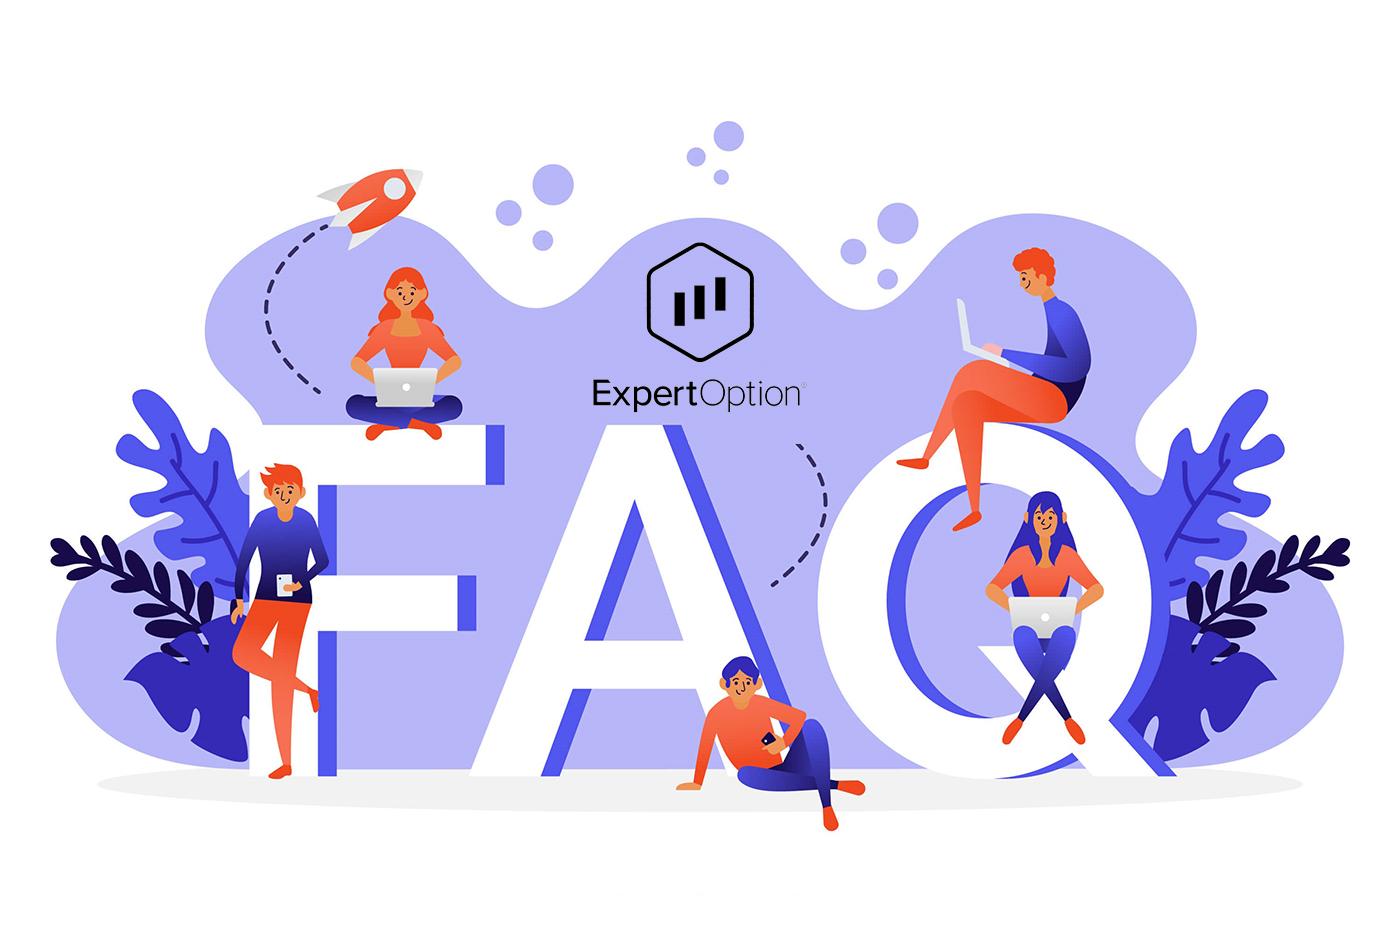 سوالات متداول ExpertOption (سQالات متداول)